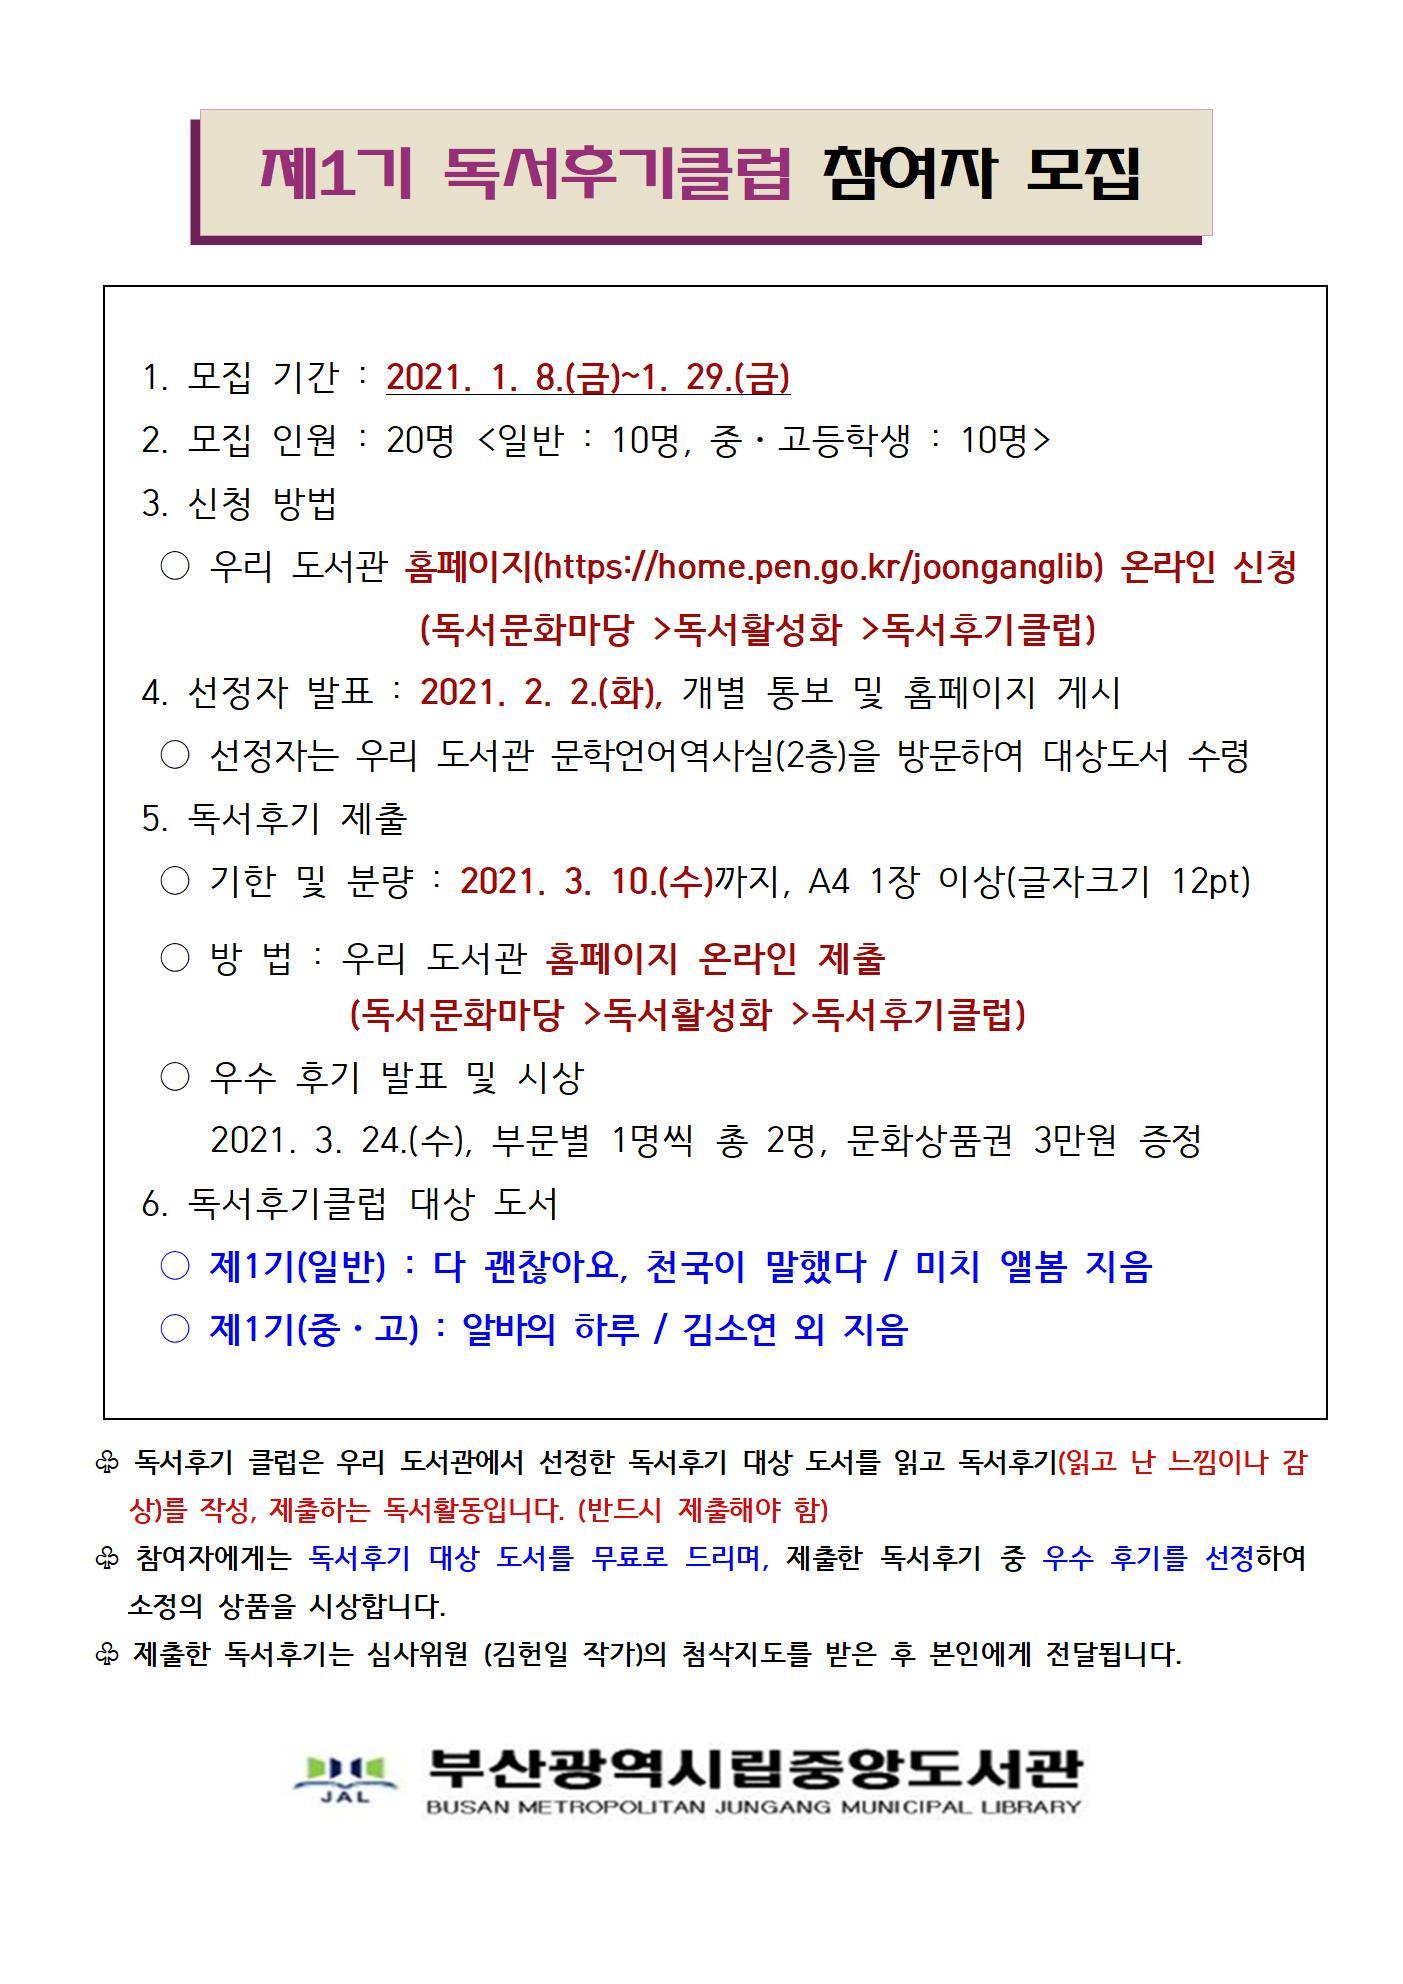 제1기 독서후기 클럽 모집 안내문.jpg